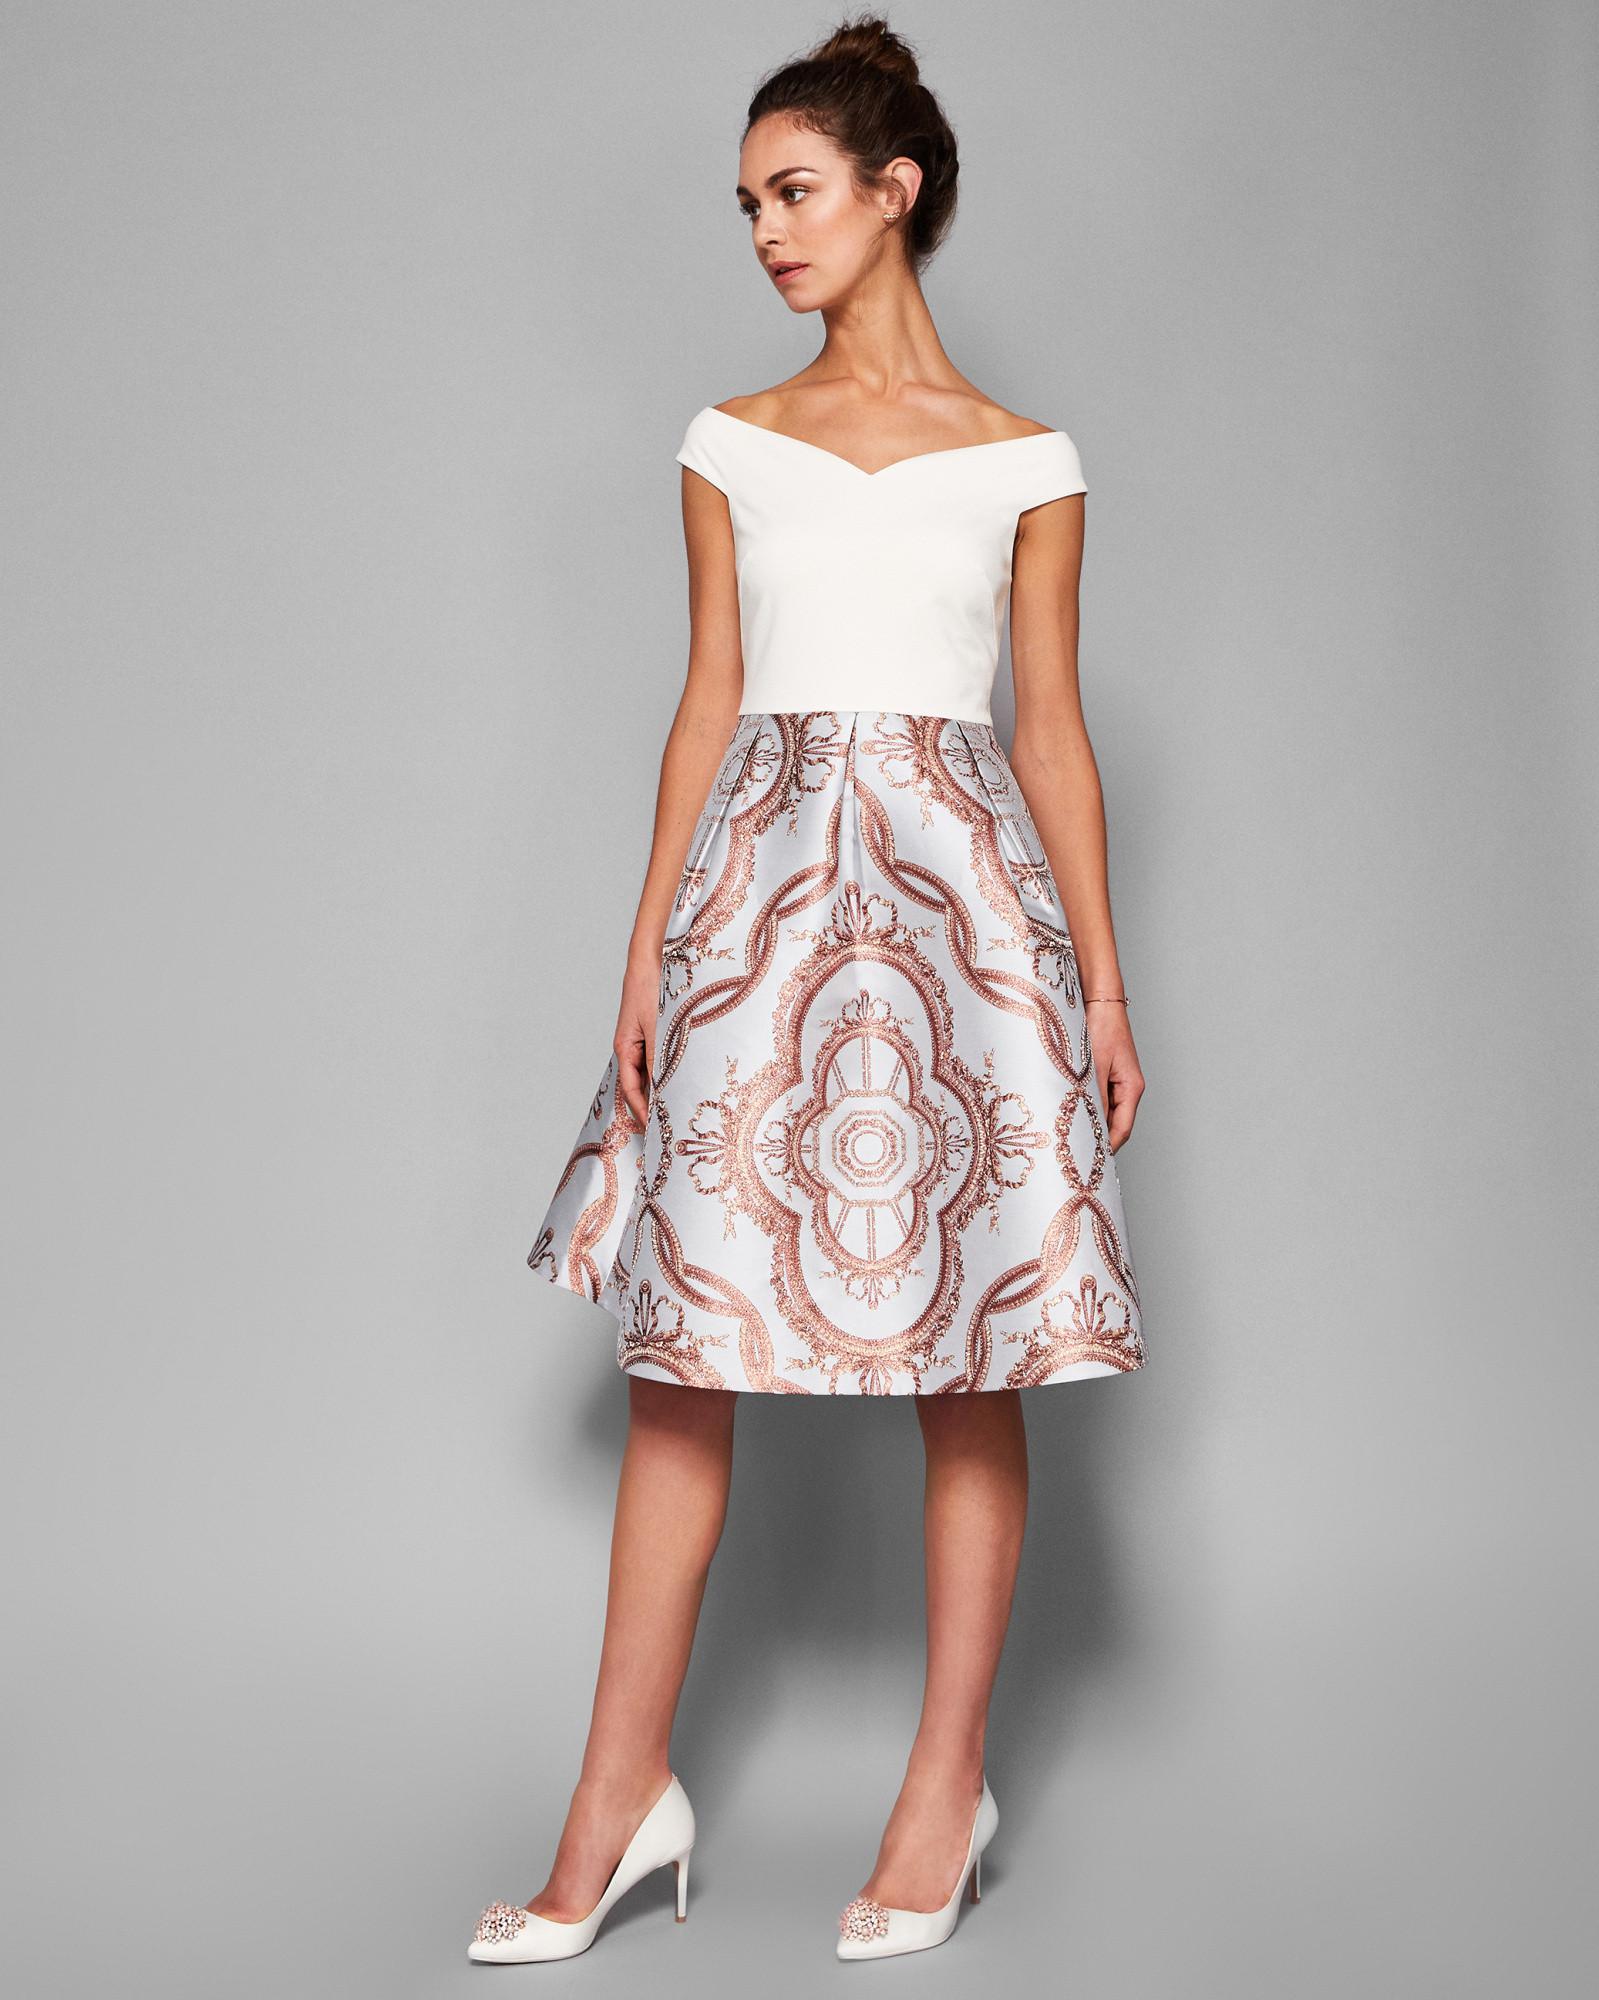 53c49c840c42 Lyst - Ted Baker Versailles Jacquard Full Skirted Dress